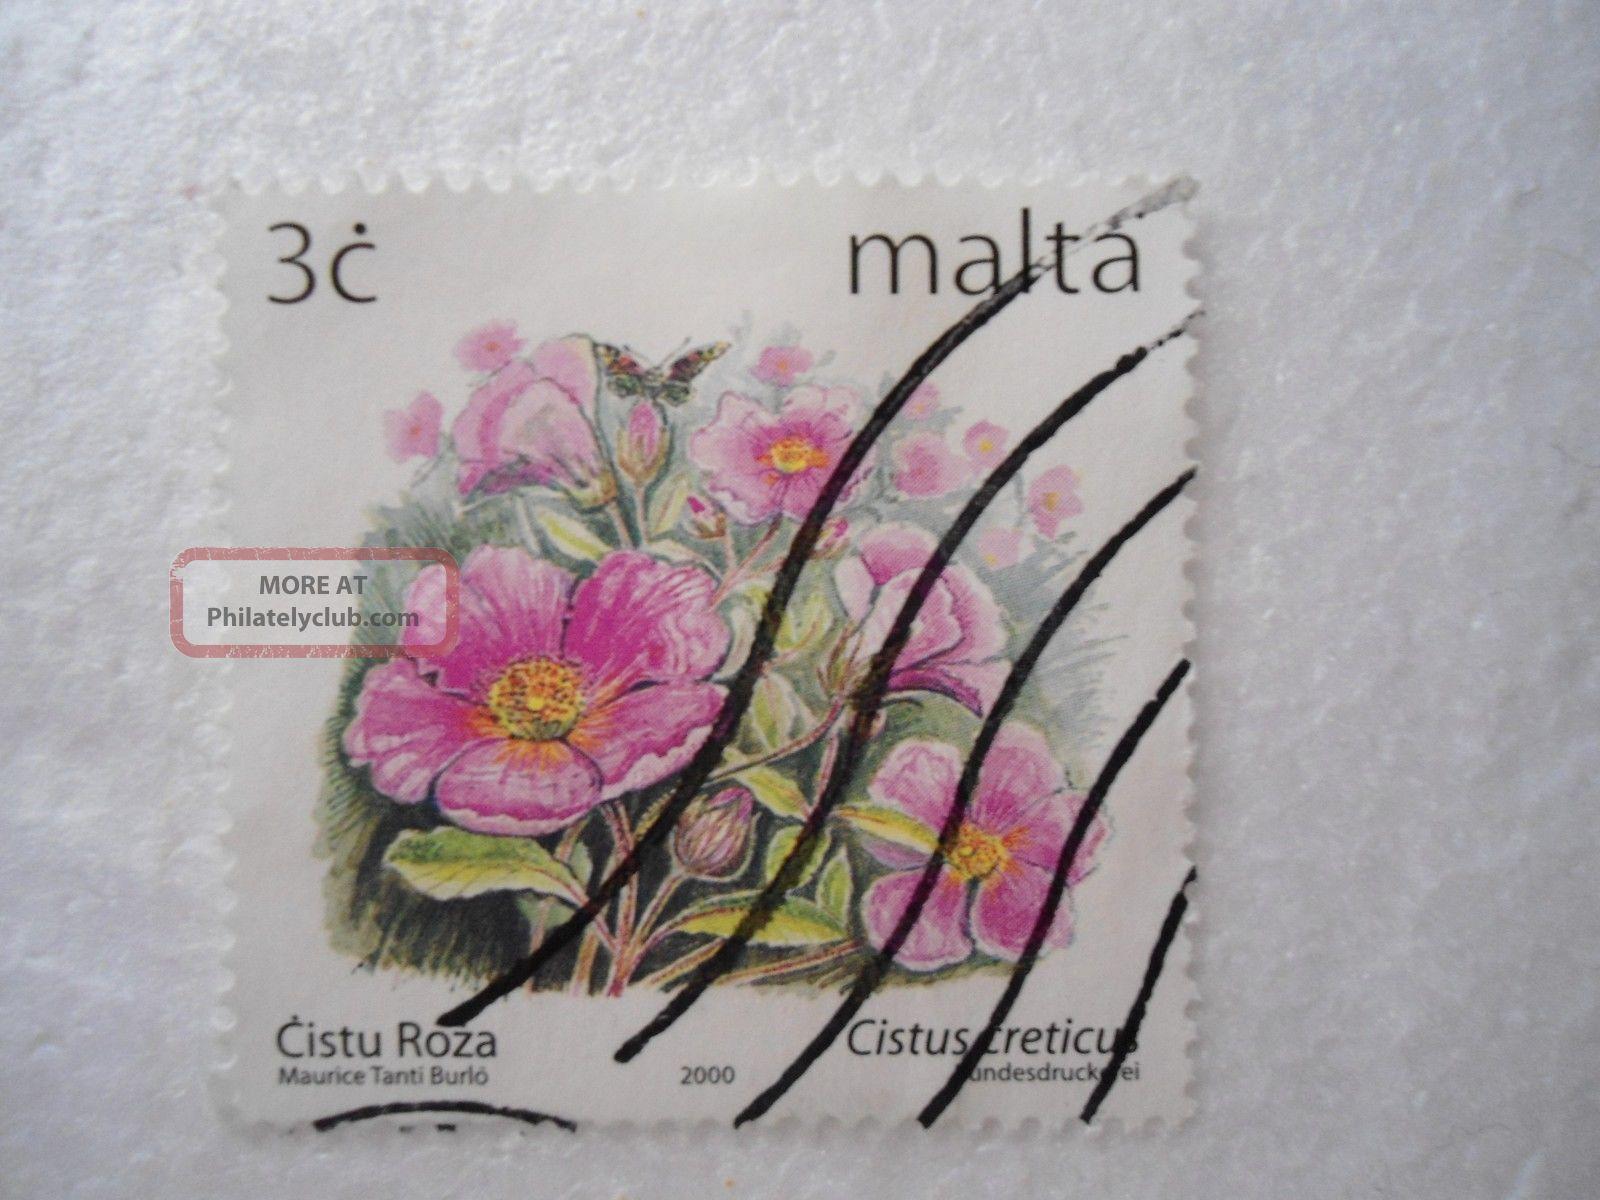 Definitive Flowers Iv 2003 - Cistus Creticus Europe photo